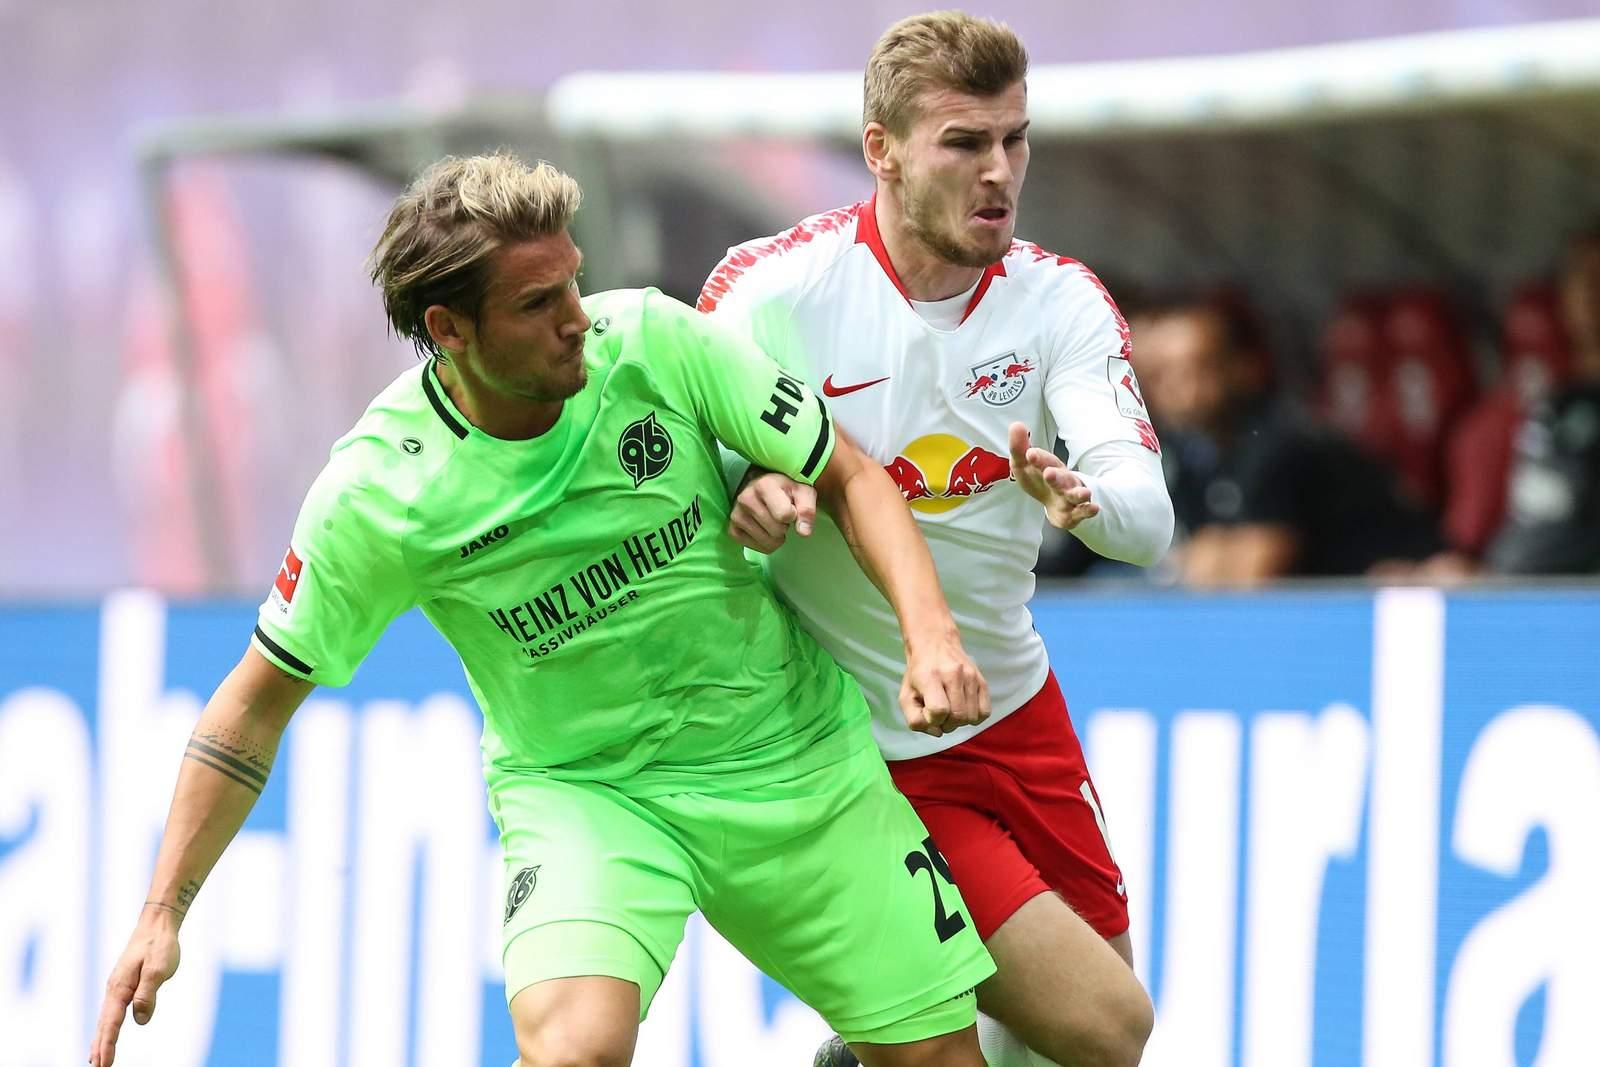 Setzt sich Werner gegen Sorg durch? Jetzt auf Hannover gegen Red Bull Leipzig wetten